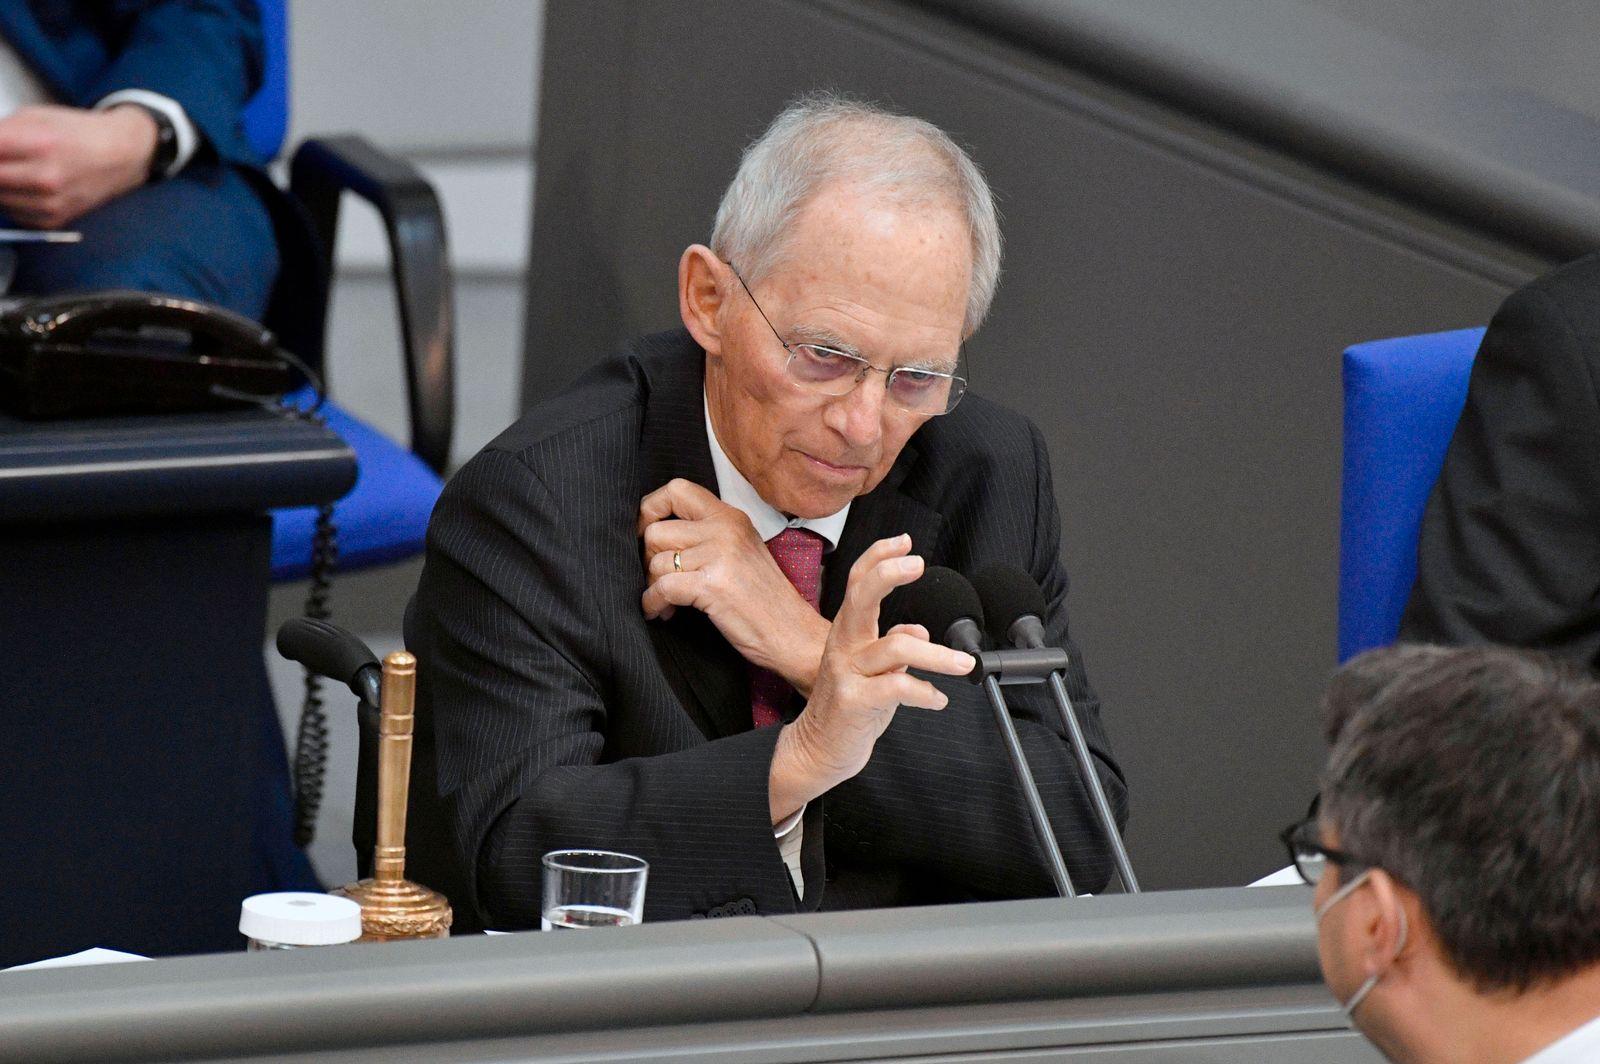 News Bilder des Tages Wolfgang Schäuble in der 221. Sitzung des Deutschen Bundestages im Reichstagsgebäude. Berlin, 15.0